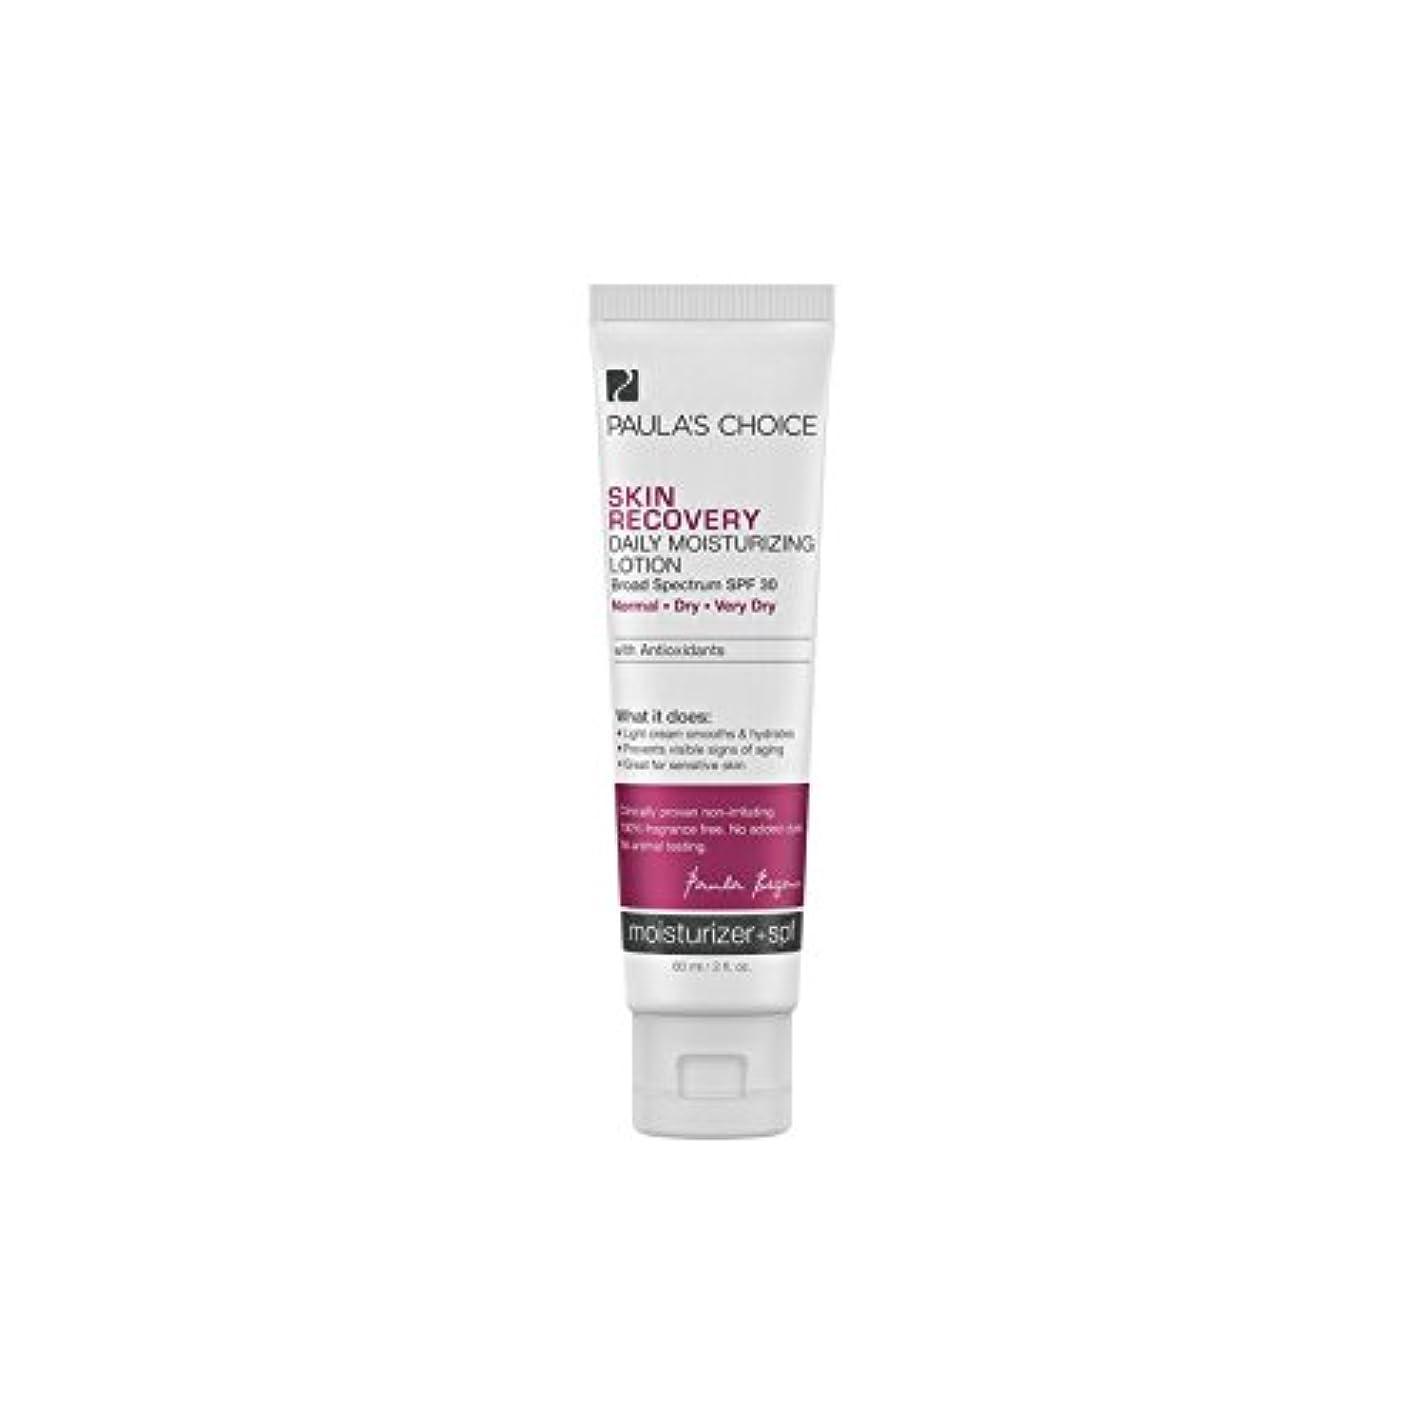 哲学博士過半数マントルPaula's Choice Skin Recovery Daily Moisturizing Lotion Spf30 (60ml) - ポーラチョイスの肌の回復毎日の保湿ローション30(60ミリリットル) [並行輸入品]